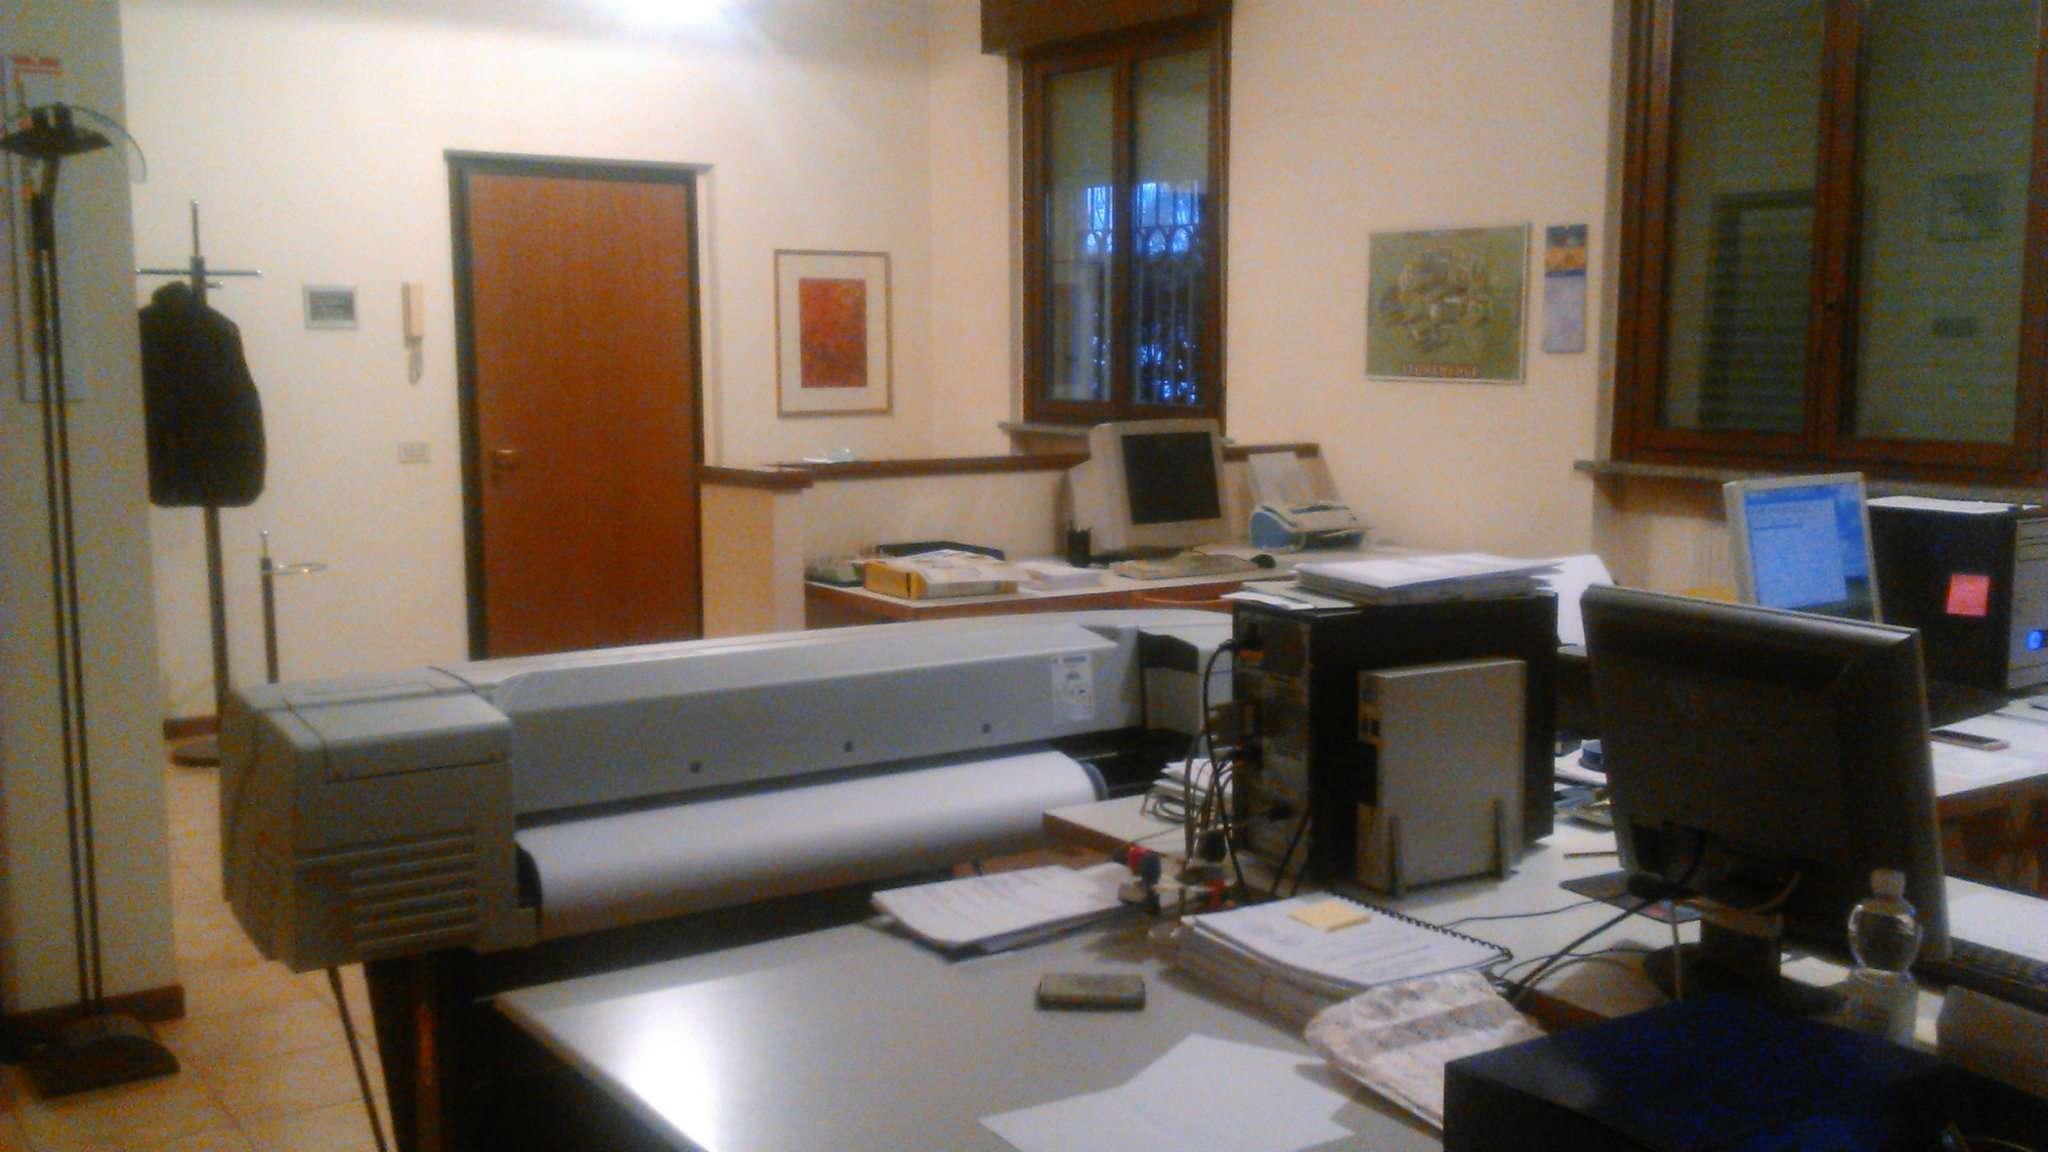 Ufficio / Studio in affitto a Nova Milanese, 2 locali, prezzo € 600 | CambioCasa.it